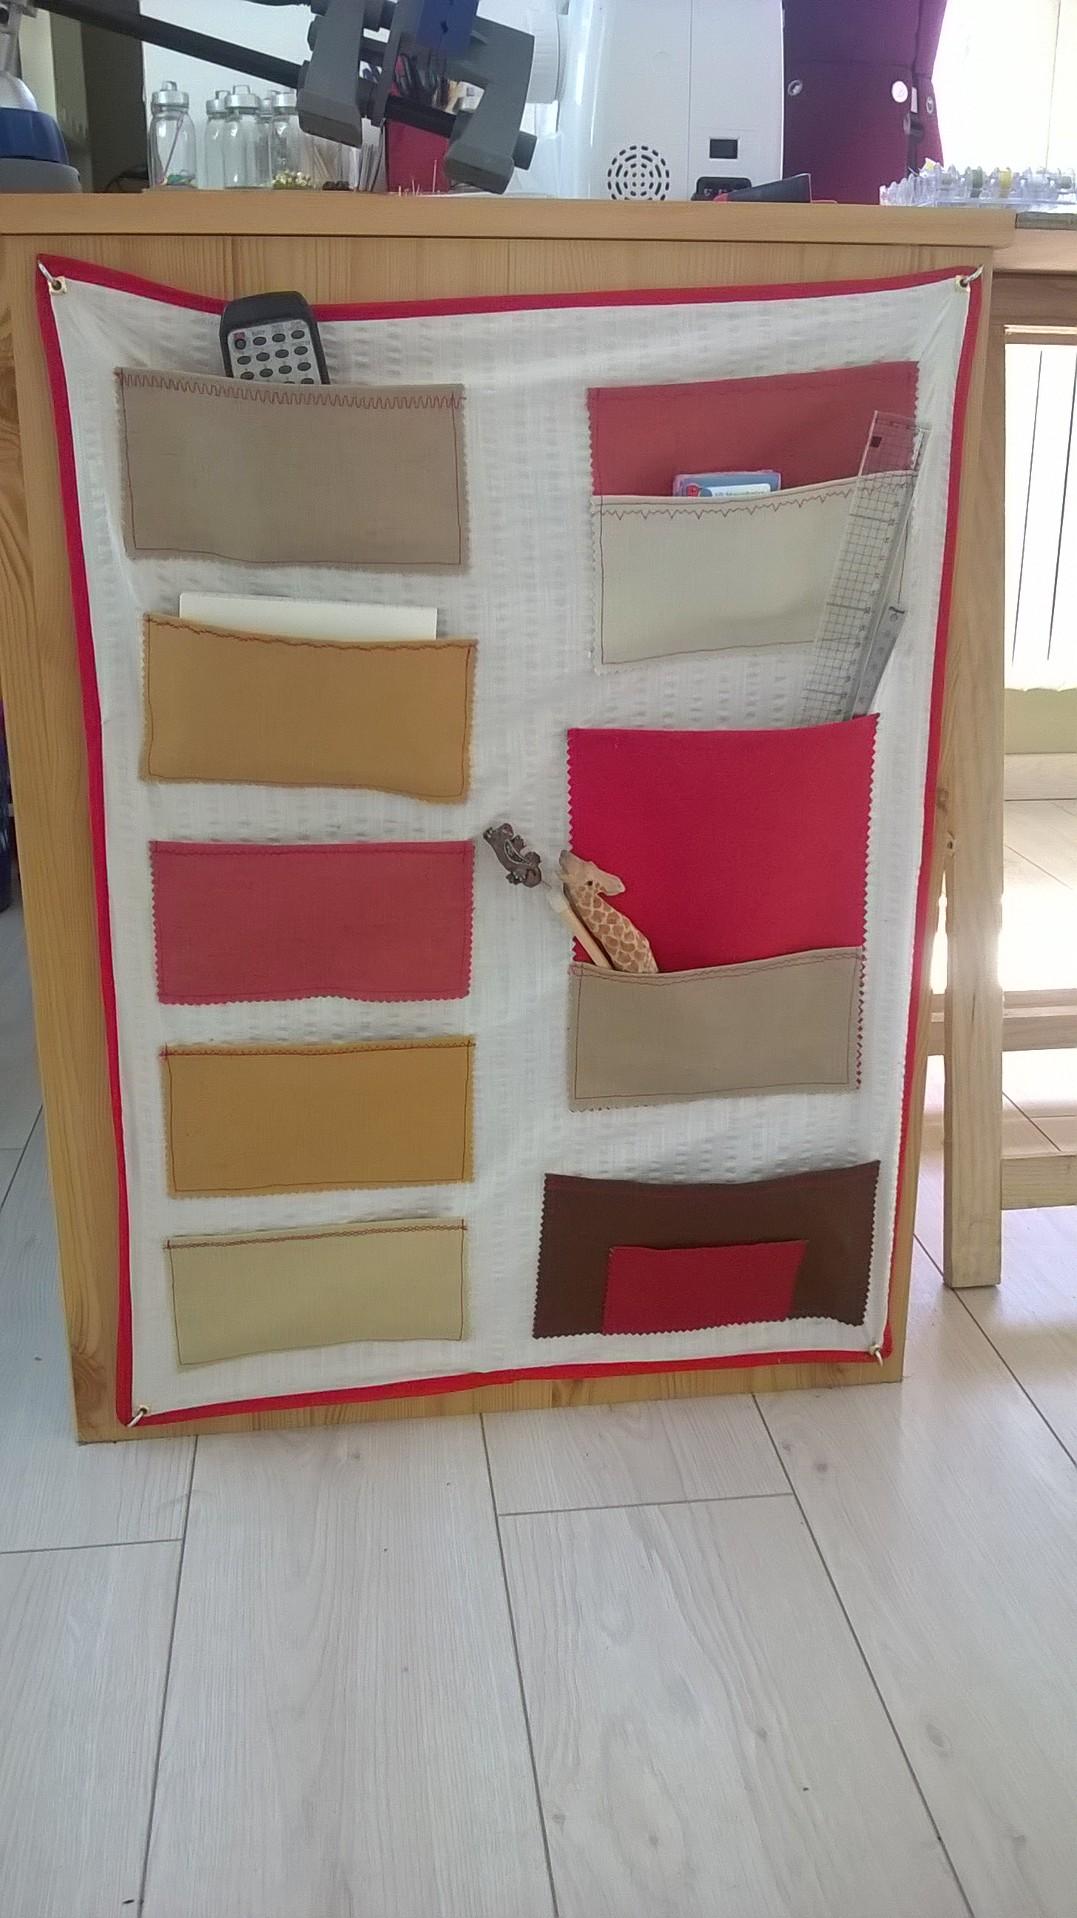 vide poche mural en tissu. Black Bedroom Furniture Sets. Home Design Ideas